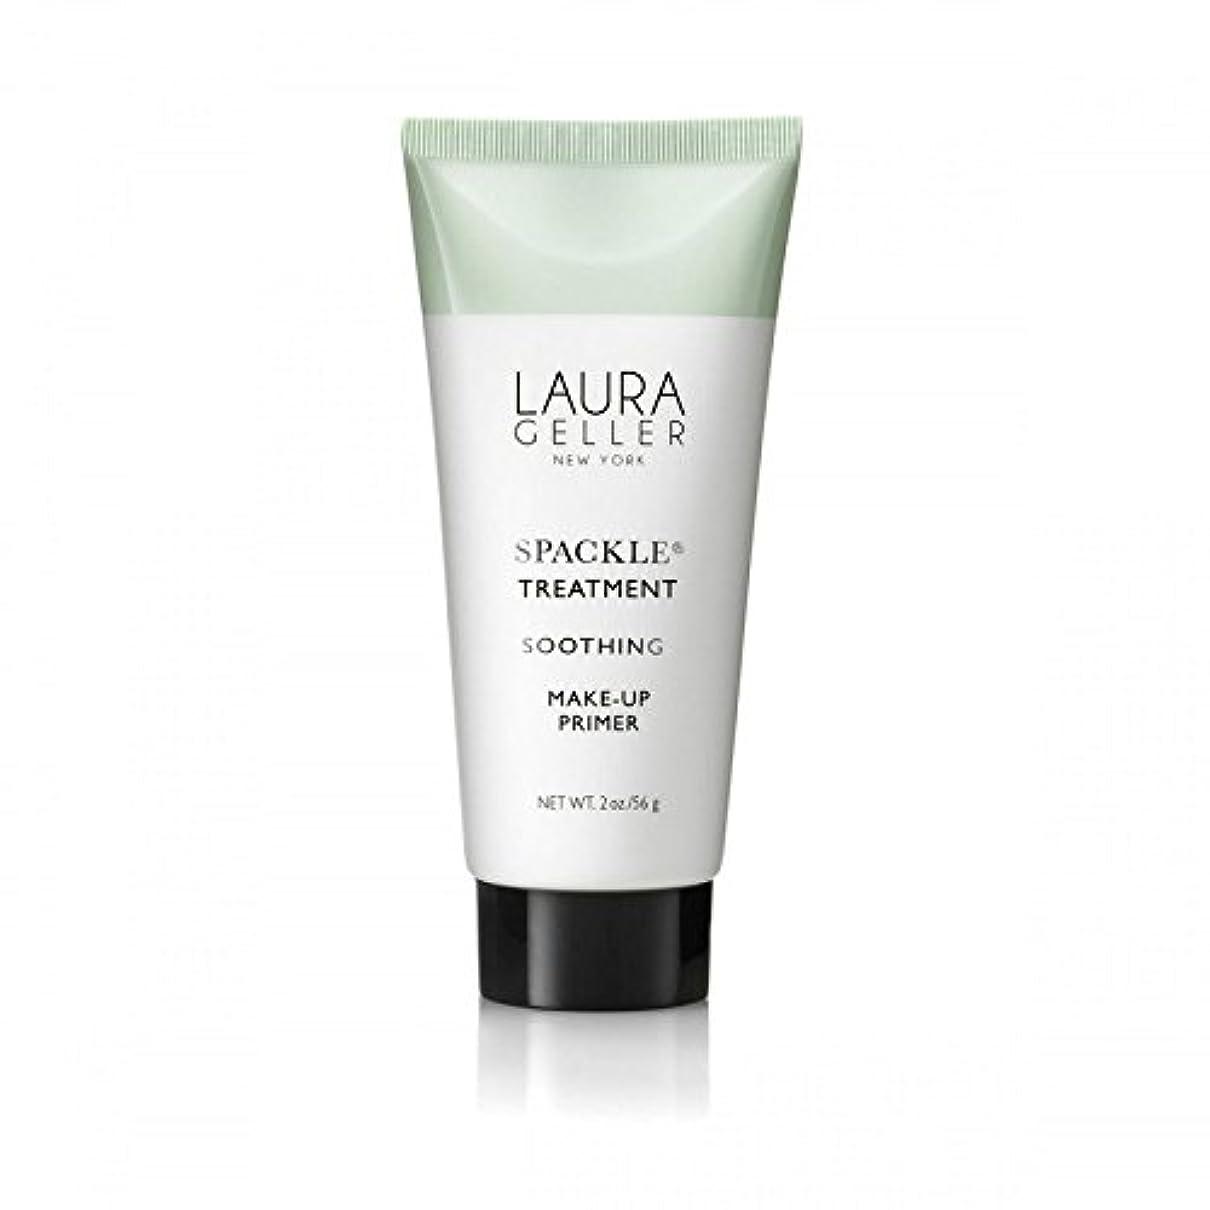 遺伝子どこでも意味Laura Geller Spackle Treatment Under Make-Up Primer Soothing - メイクアッププライマー癒しの下のローラ?ゲラー 処理 [並行輸入品]